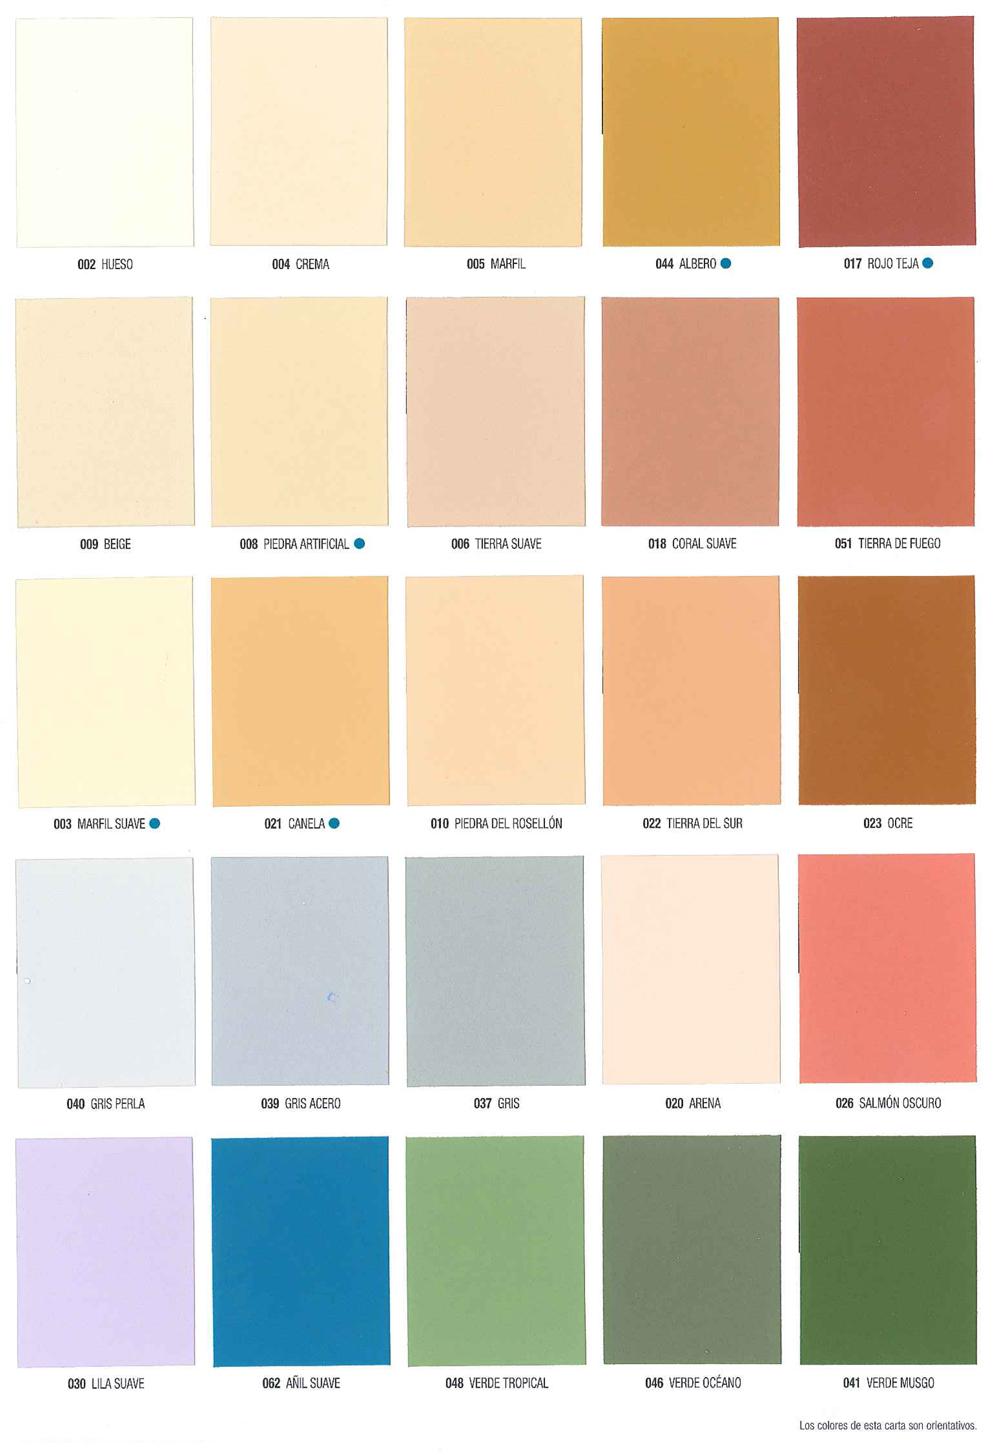 Revet n cubic tienda de pinturas online for Pintura color piedra suave